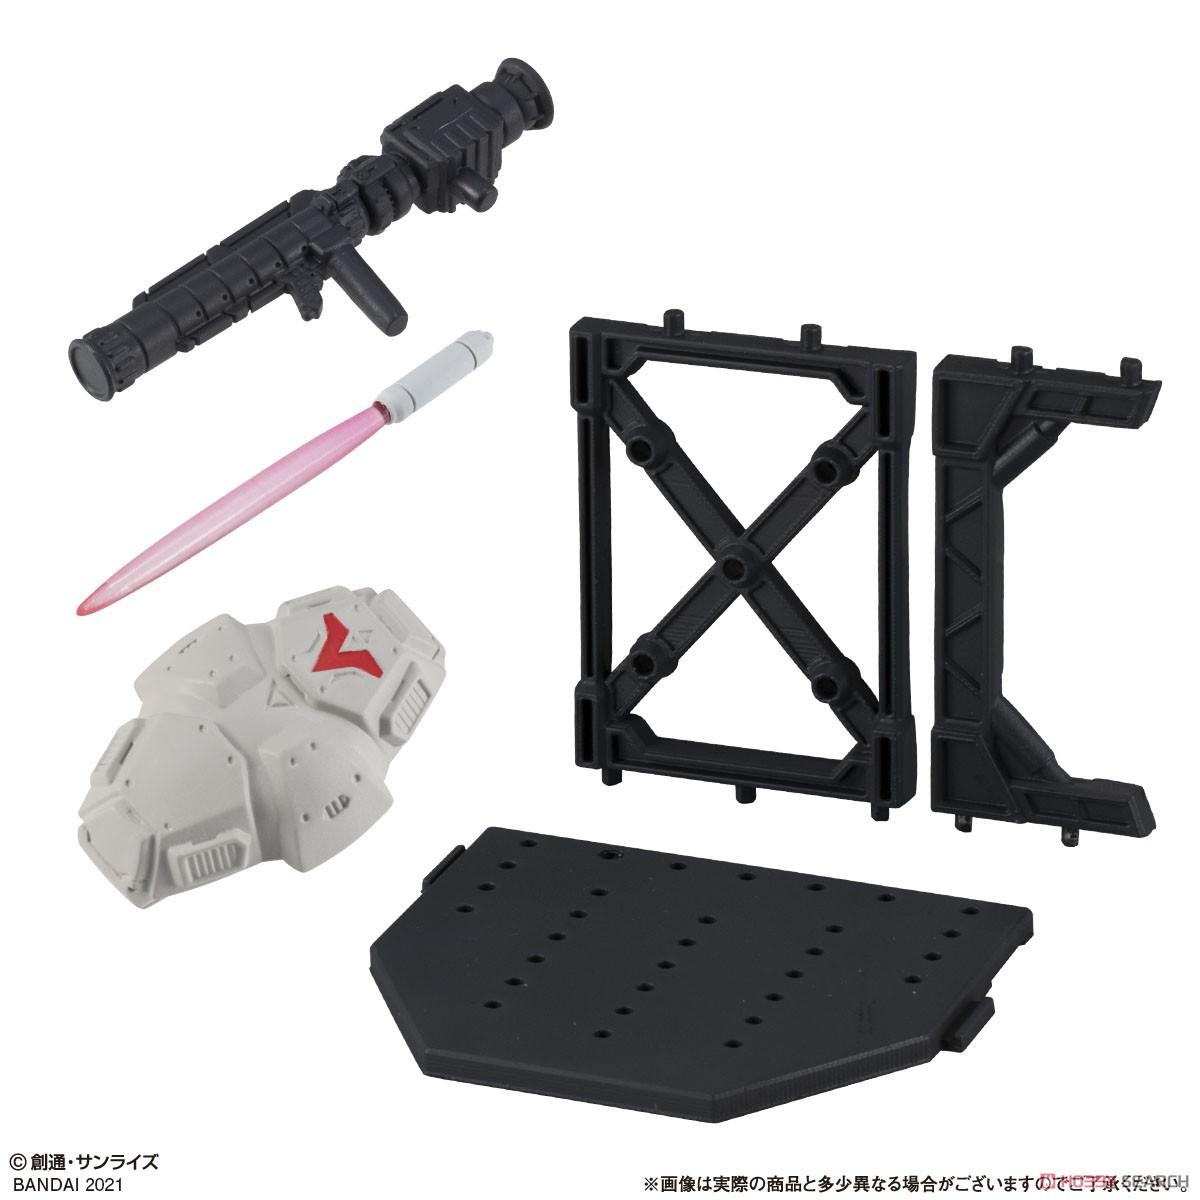 【ガシャポン】機動戦士ガンダム『ガシャポン戦士フォルテ14』12個入りBOX-006